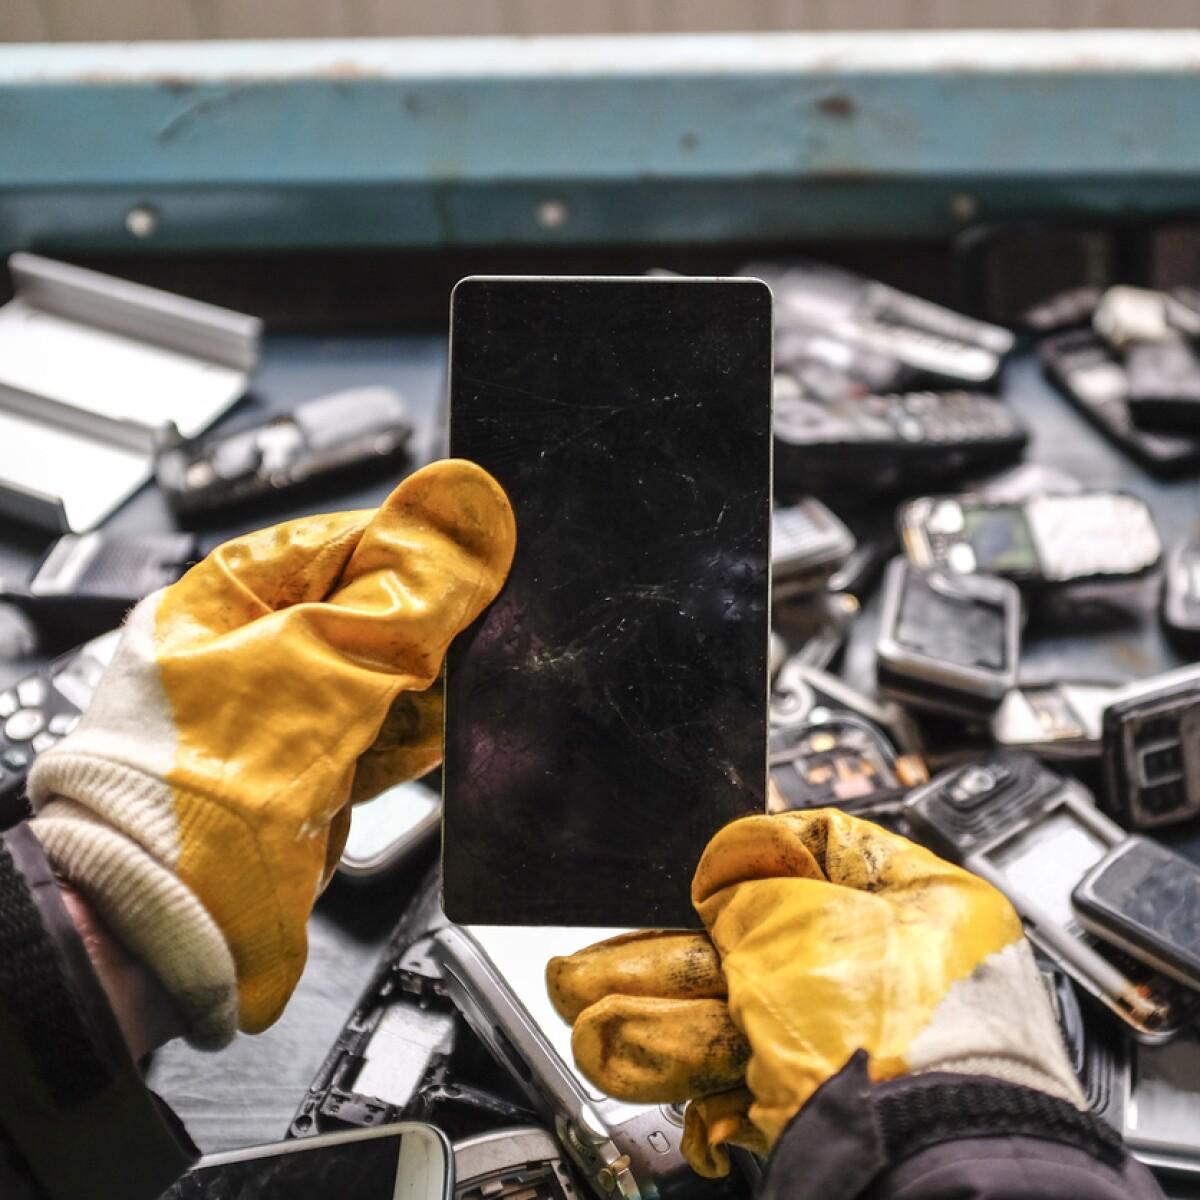 México es uno de los mayores generadores de basura electrónica en Latinoamérica